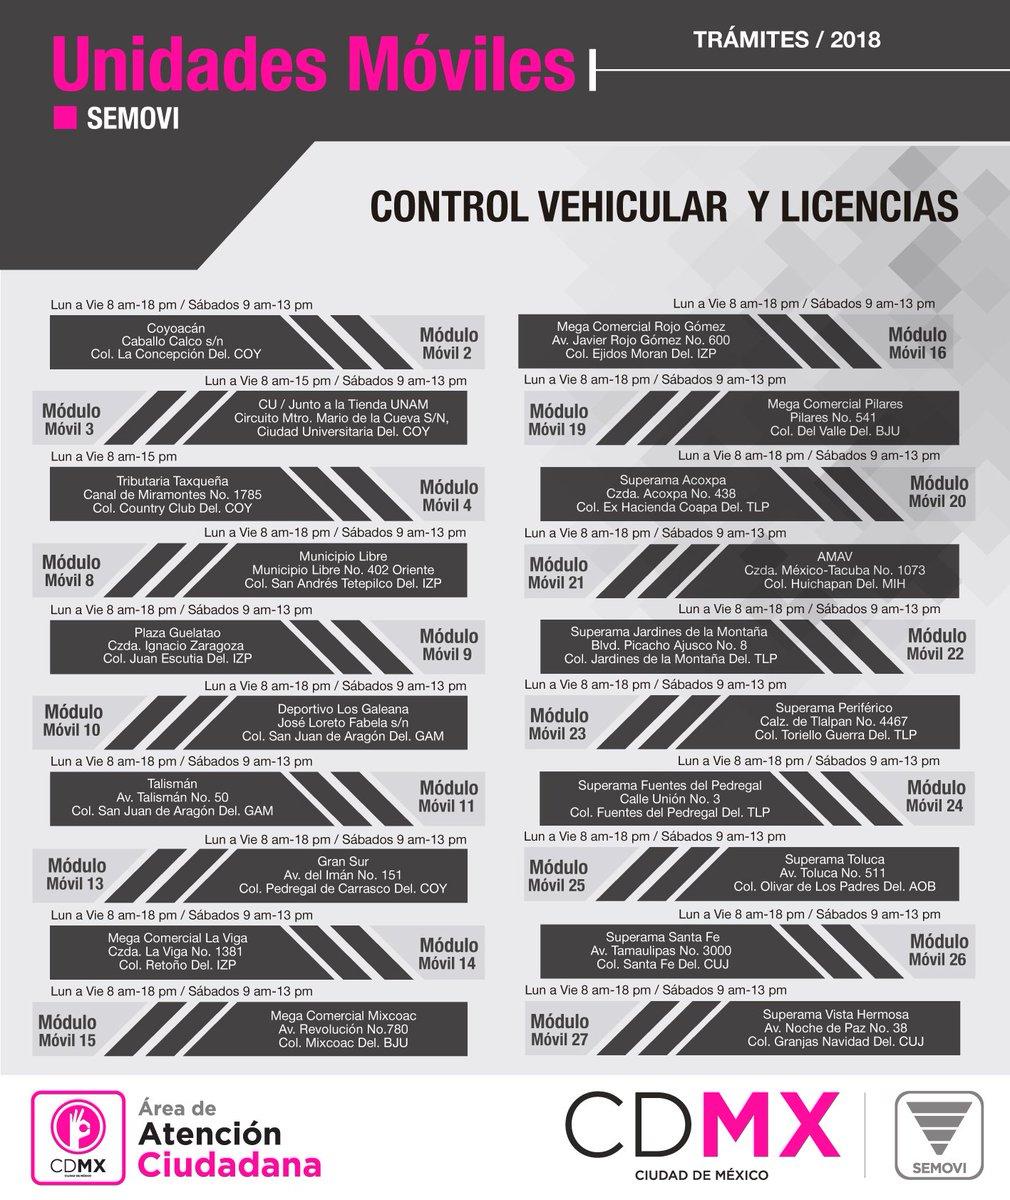 Secretaría De Movilidad Cdmx On Twitter Los Módulos